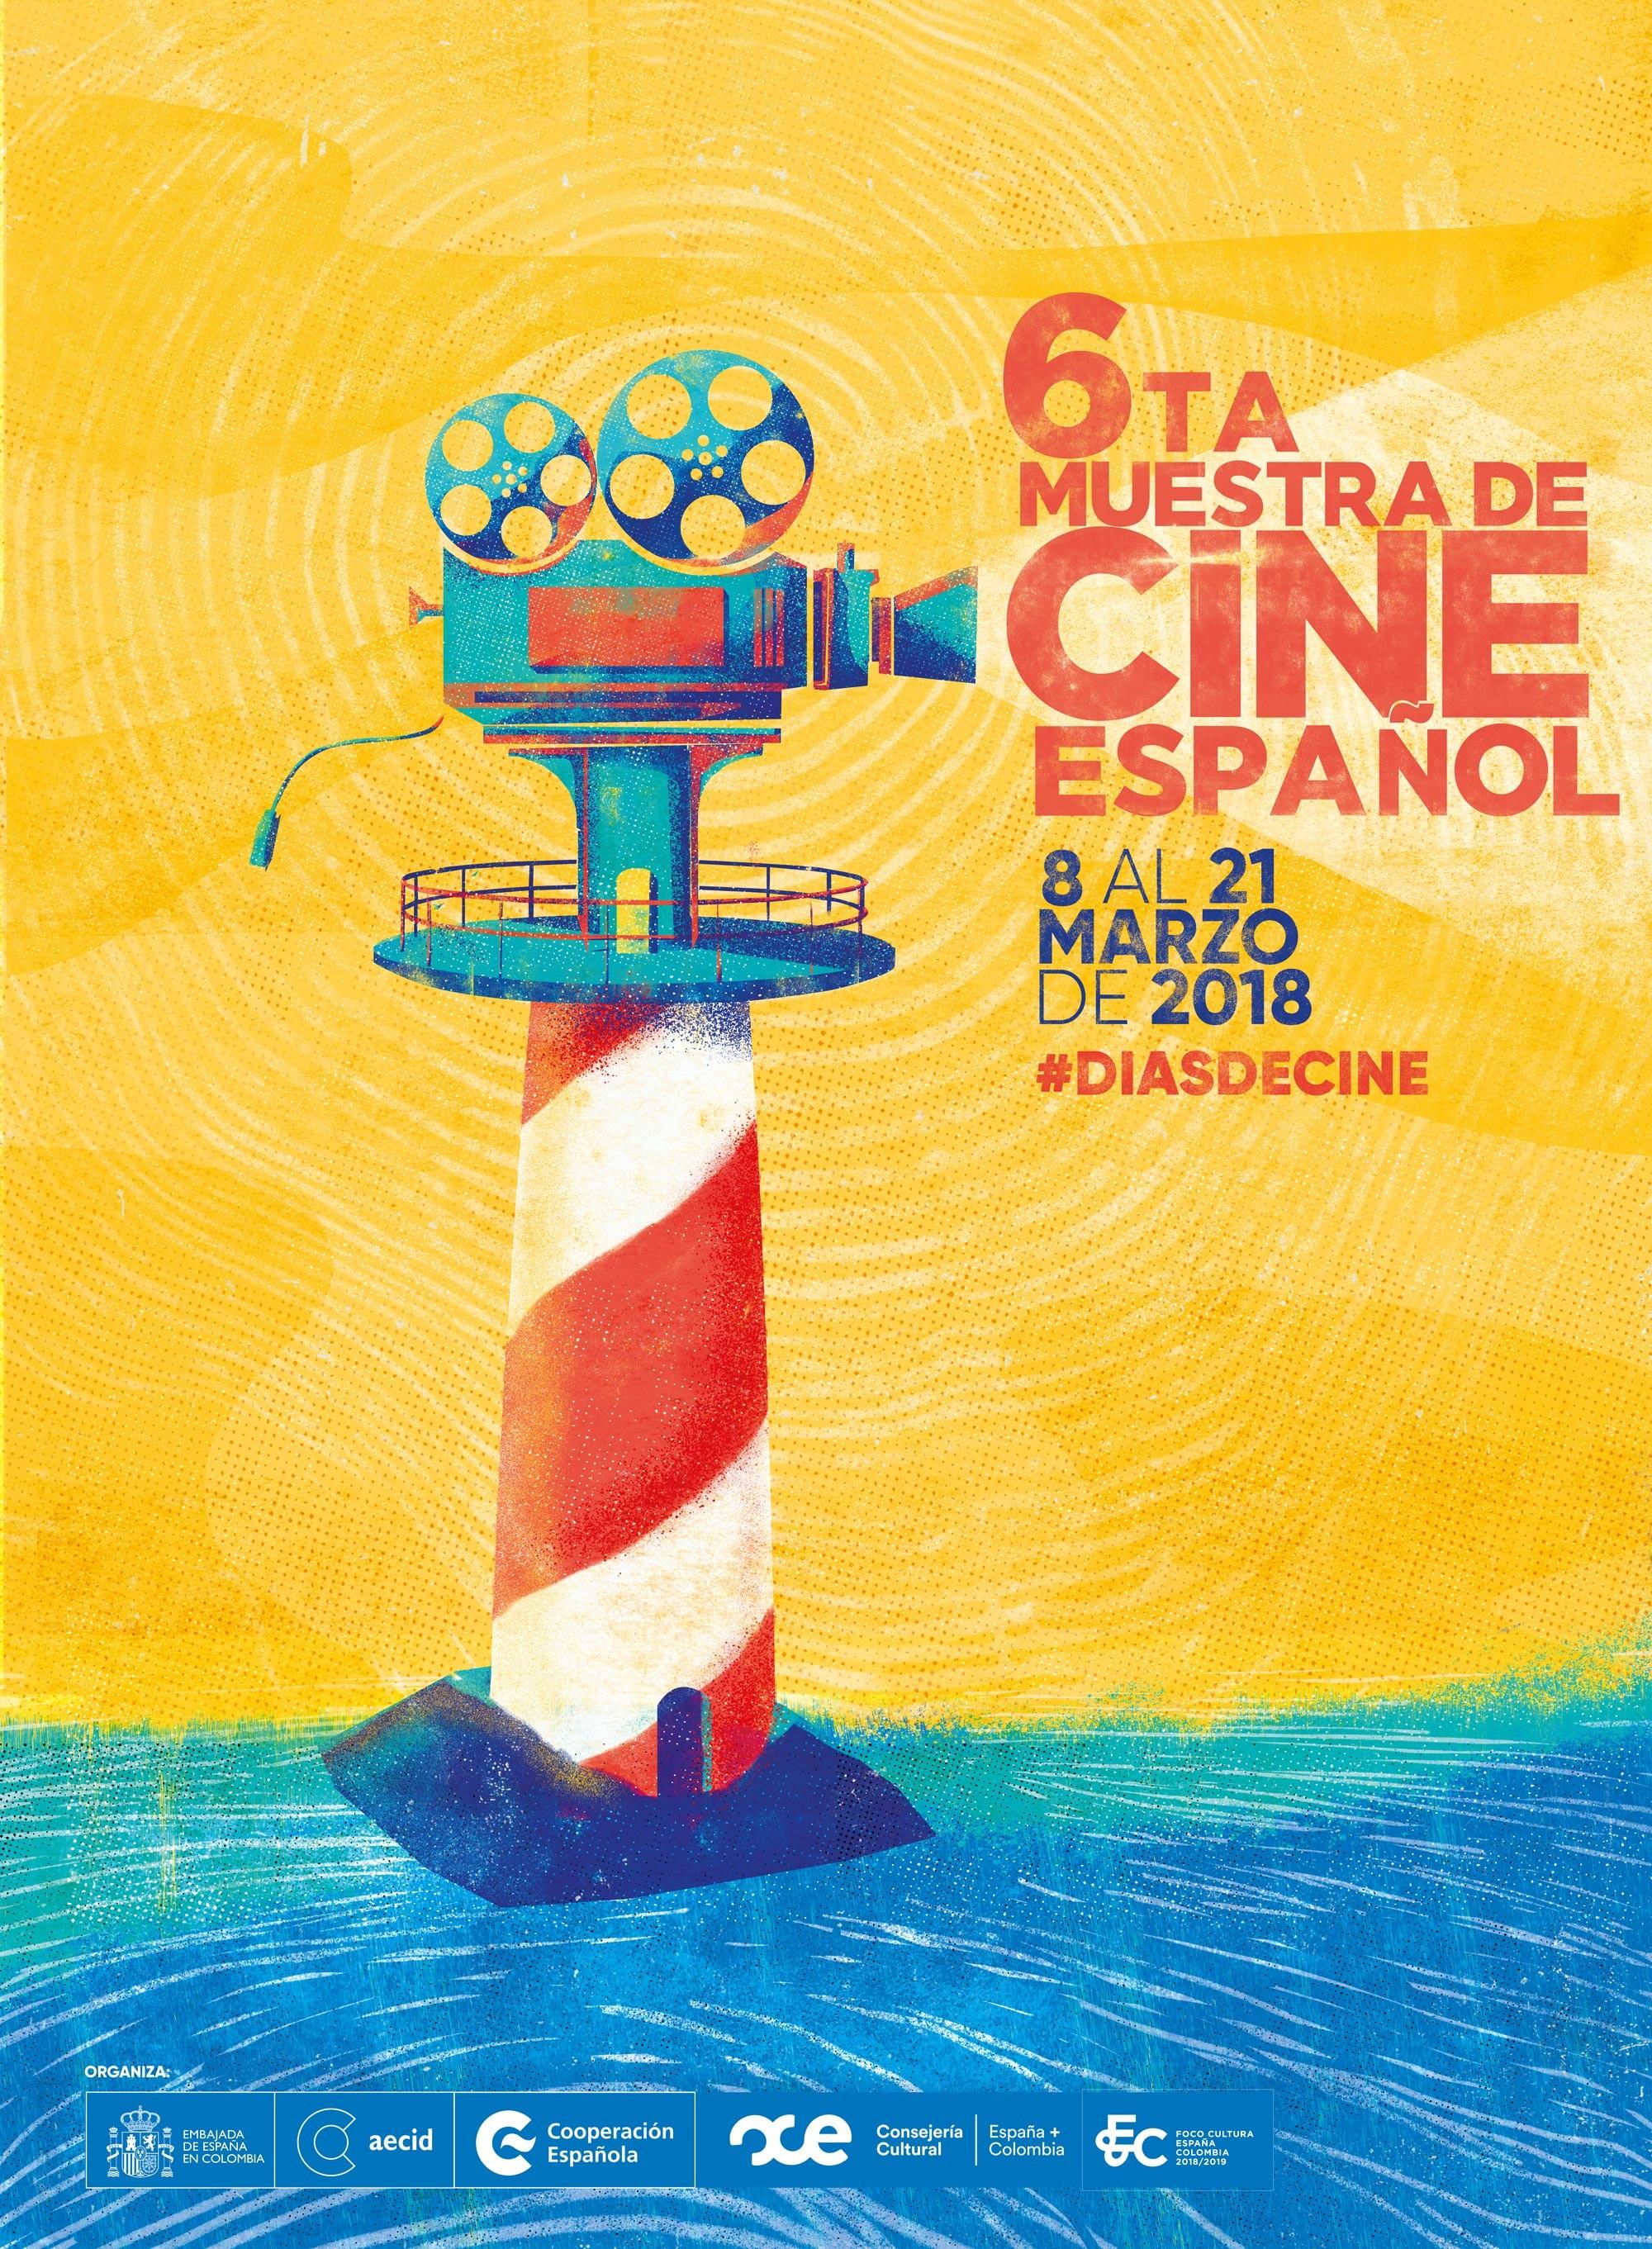 Llegan los Das de Cine con la VI Muestra de Cine Espa±ol en Guatapé